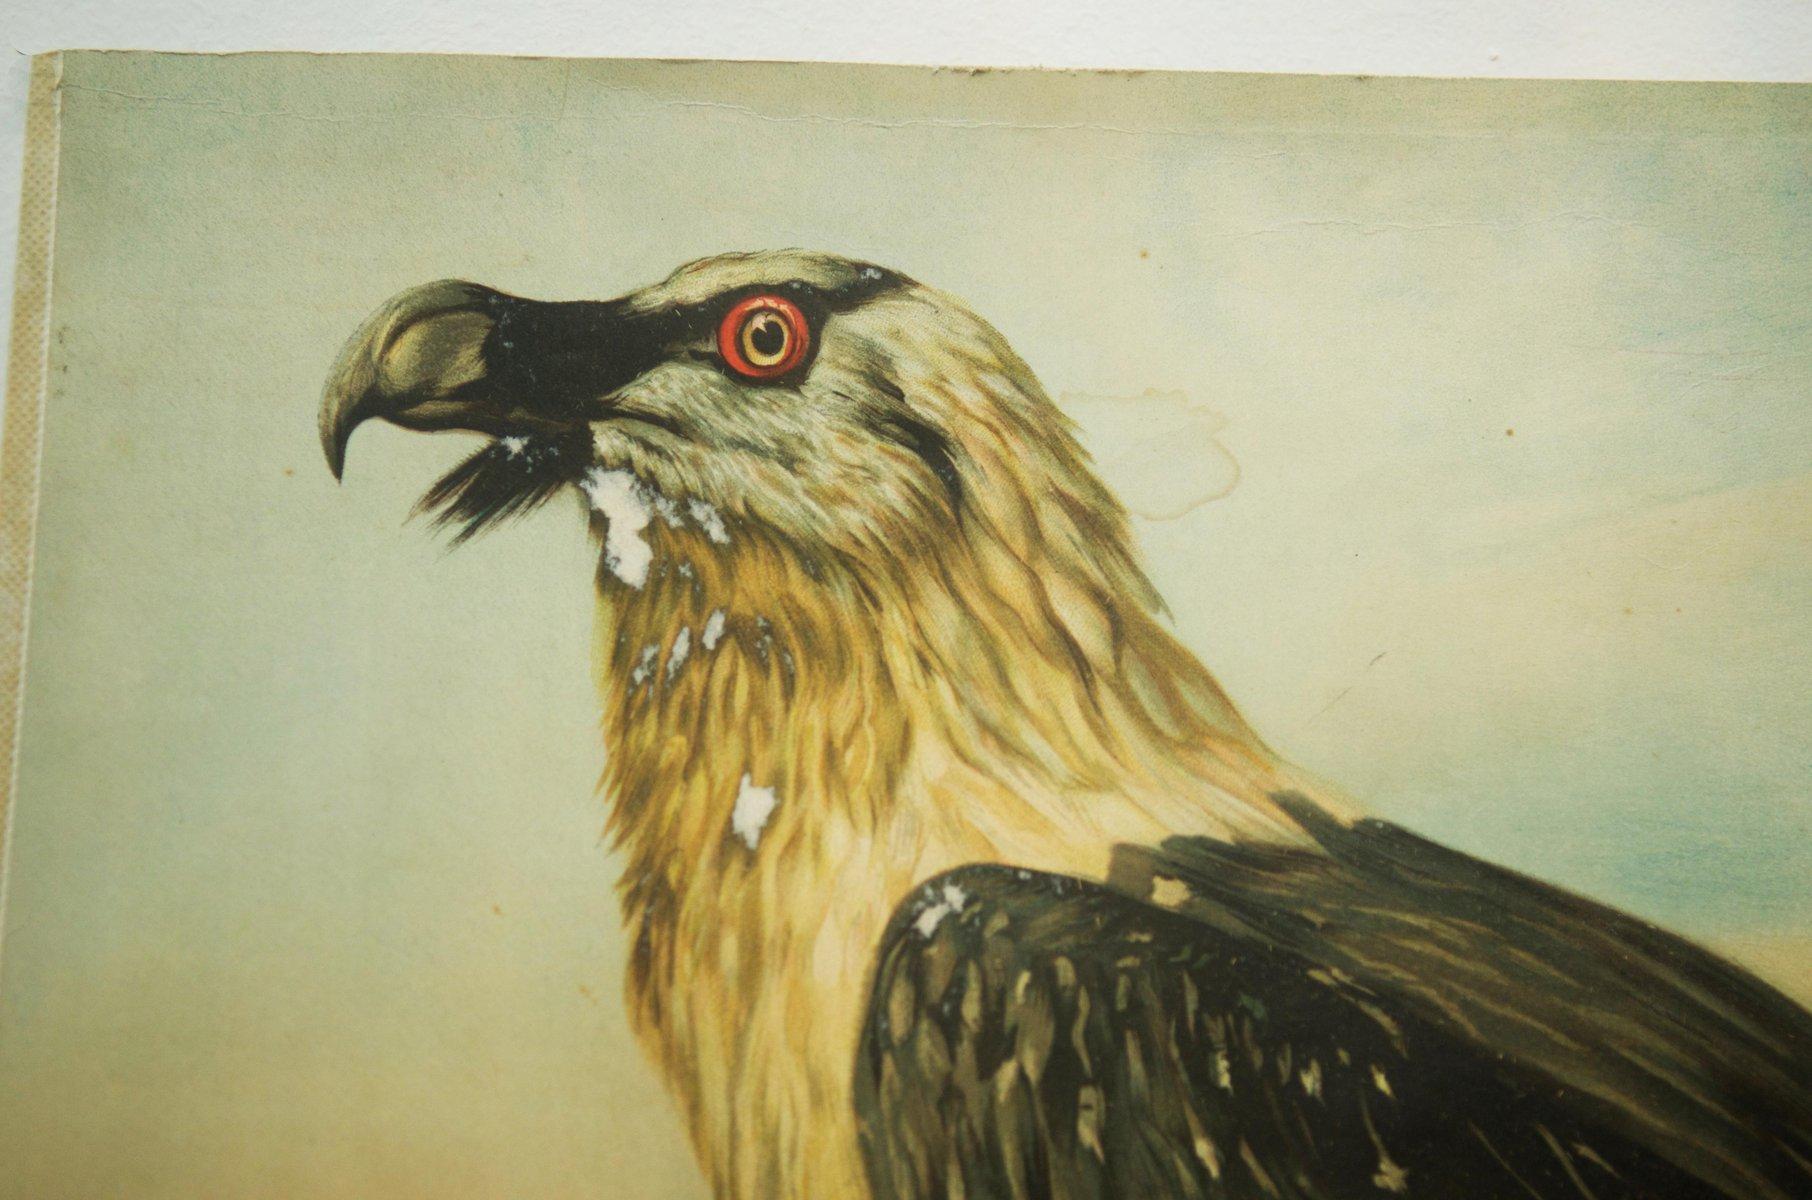 poster eagle - Ordek.greenfixenergy.co